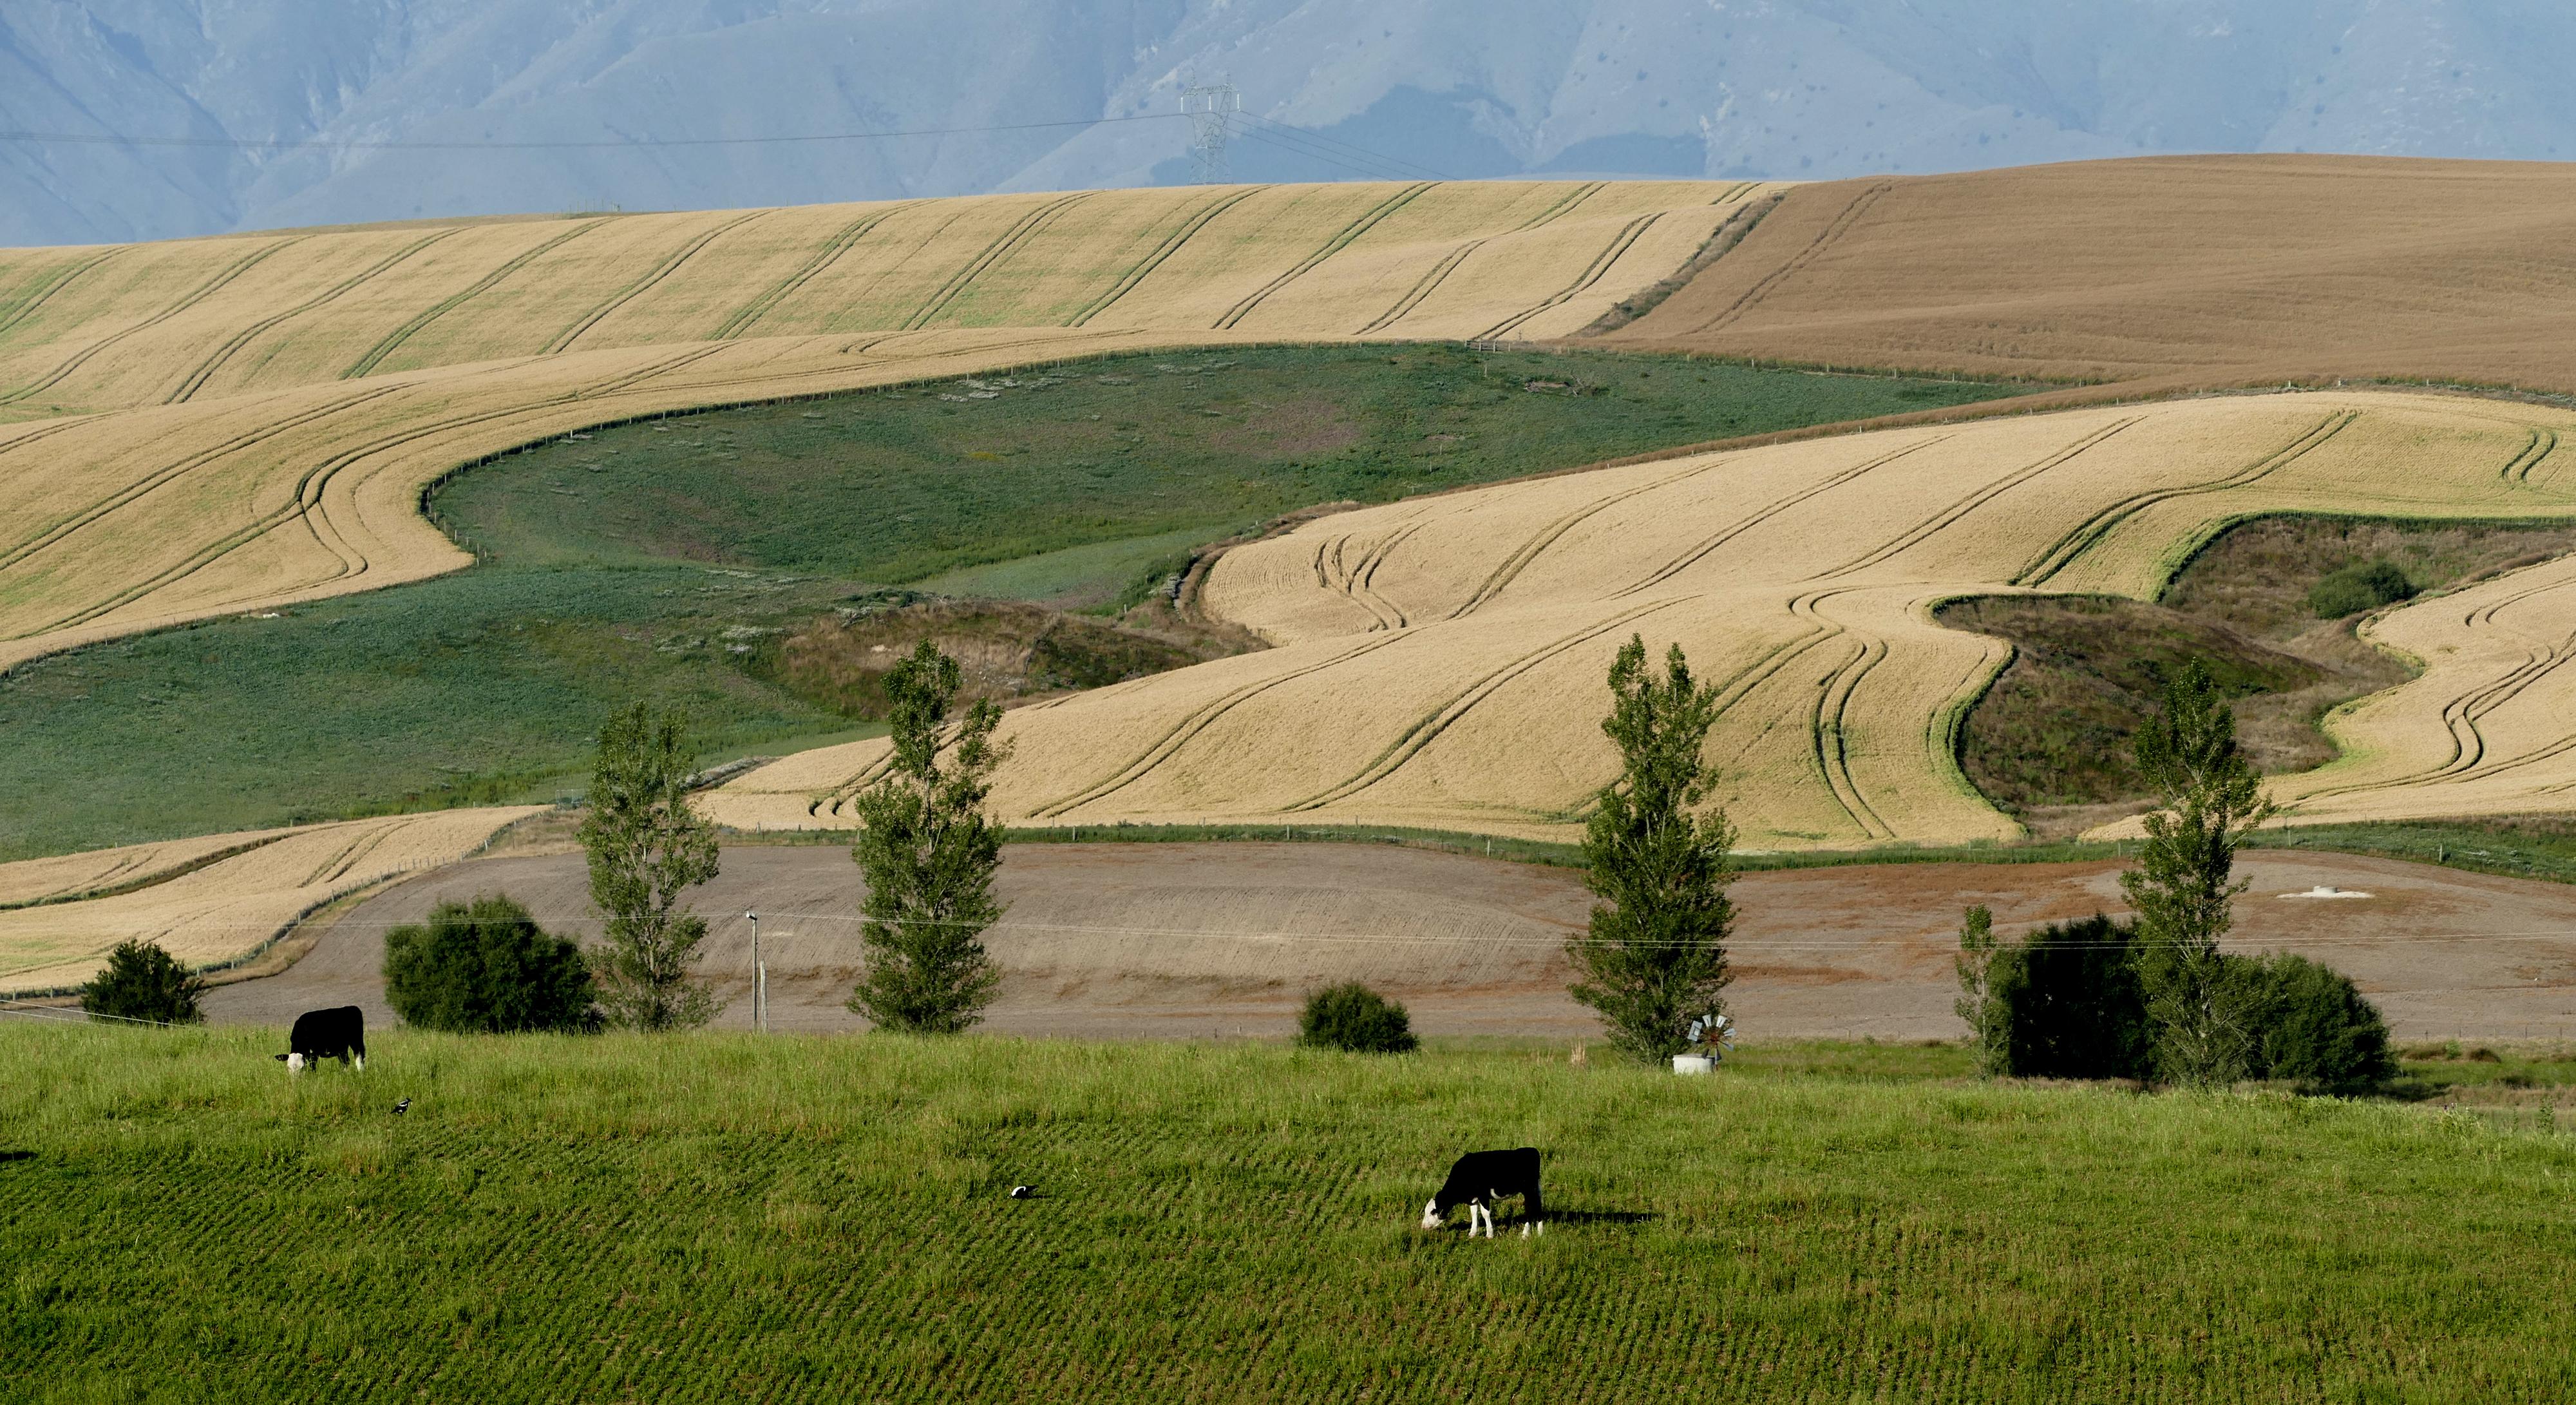 Wheat fields. New Zealand., Farm, Field, Flickr lover, FlickrElite, HQ Photo